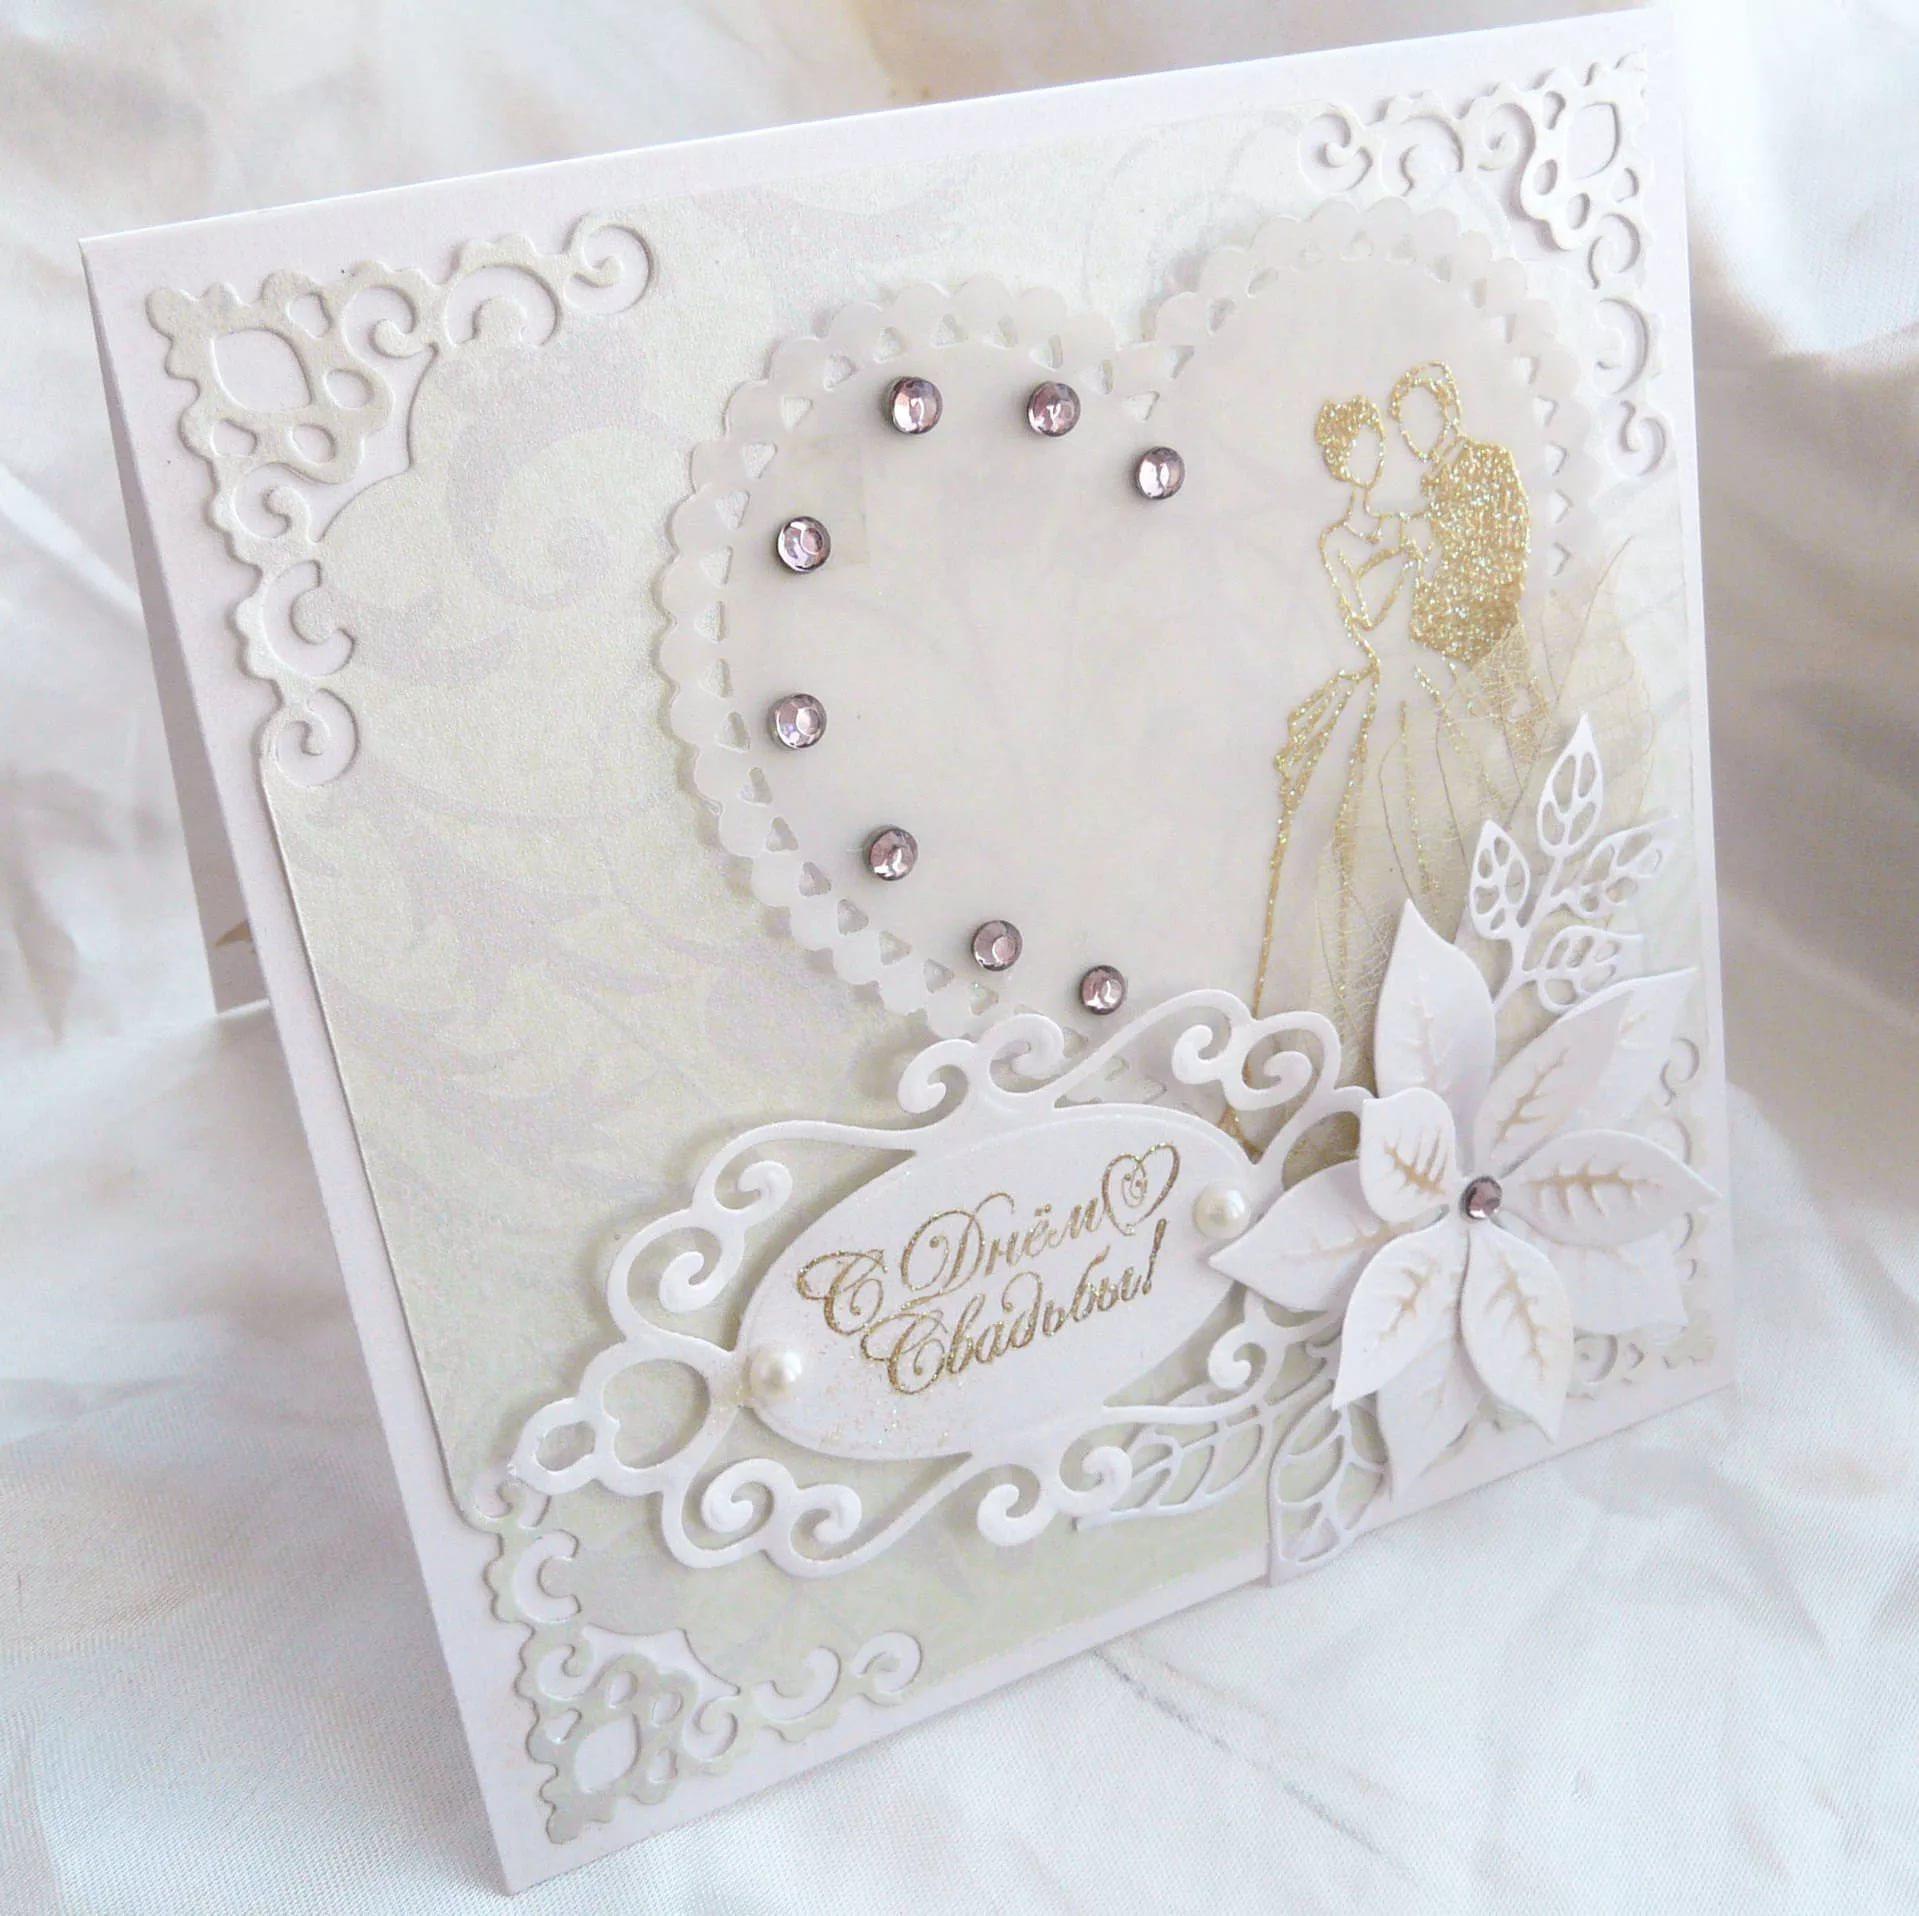 Свадьба открытка скрапбукинг, новым 2017